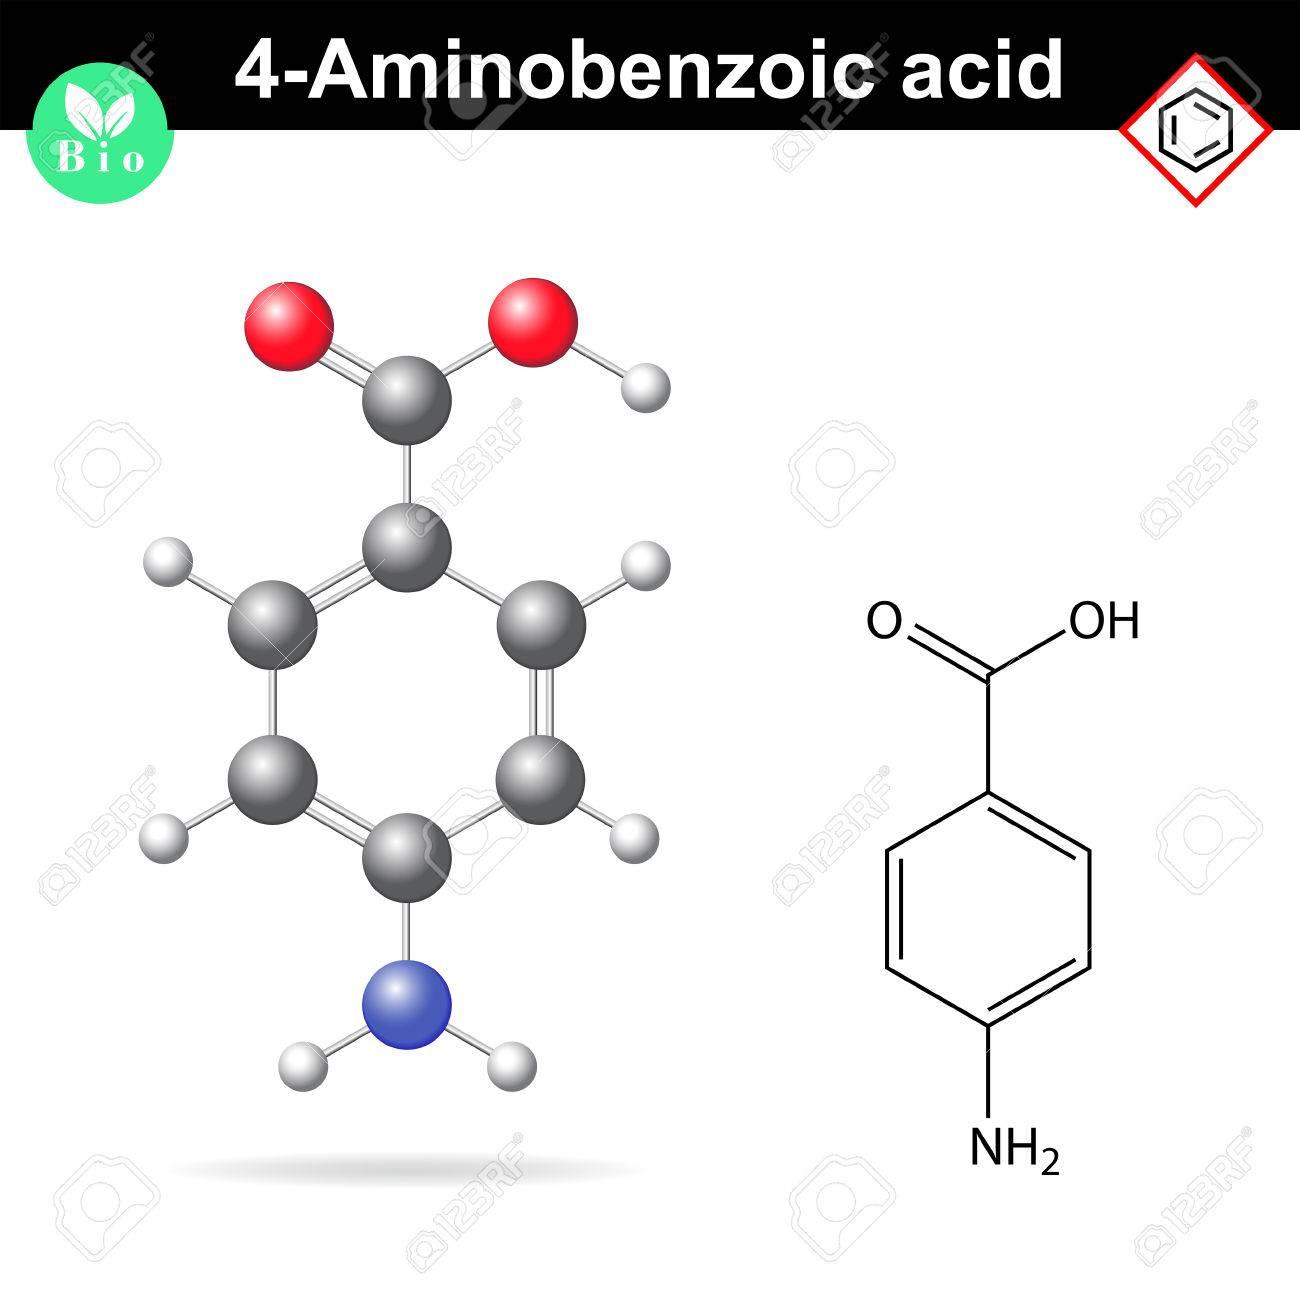 تصویر آمینو اسید بنزوئیک